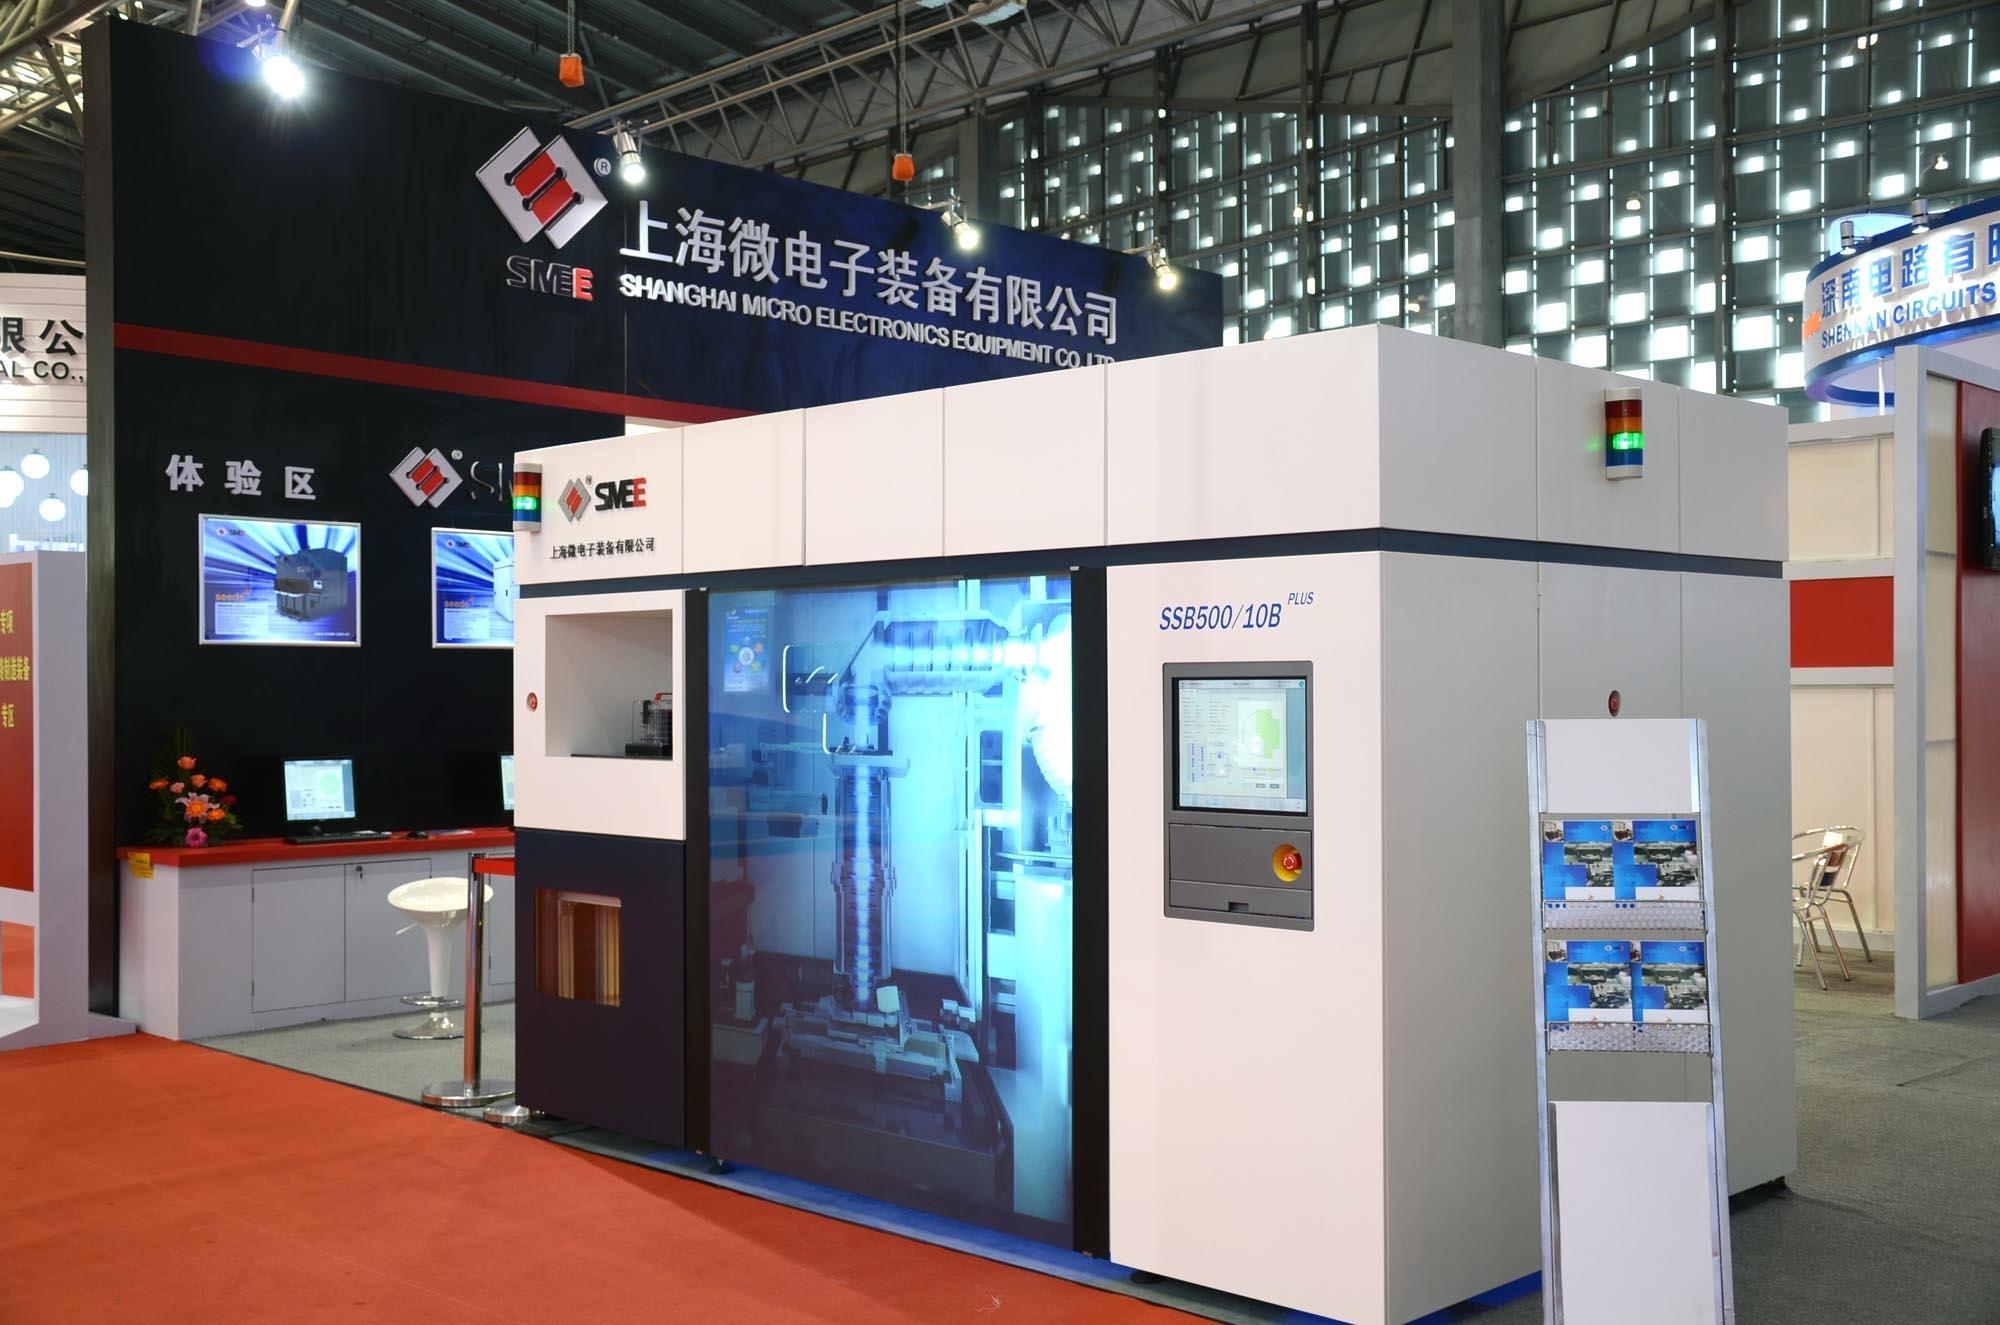 上海最相信半导体,芯片产值超2000亿元,占全国总产值22%